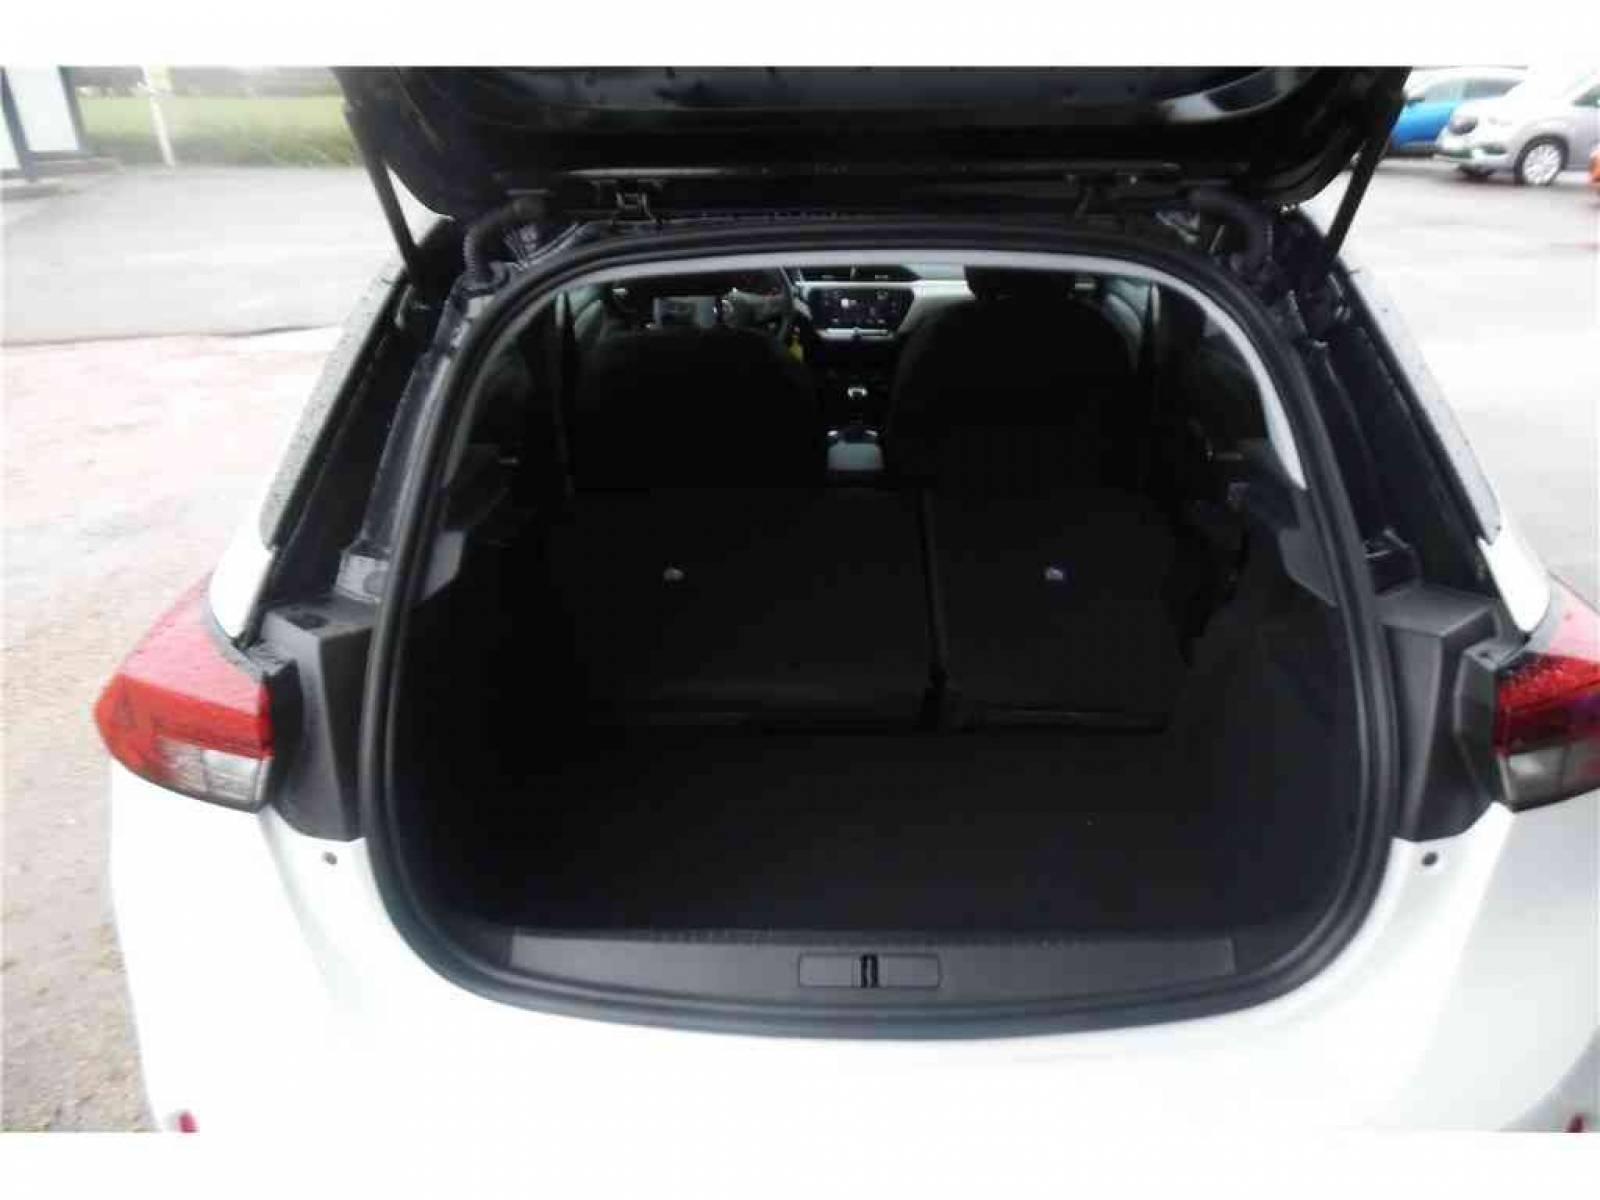 OPEL Corsa 1.5 Diesel 100 ch BVM6 - véhicule d'occasion - Groupe Guillet - Opel Magicauto - Montceau-les-Mines - 71300 - Montceau-les-Mines - 10